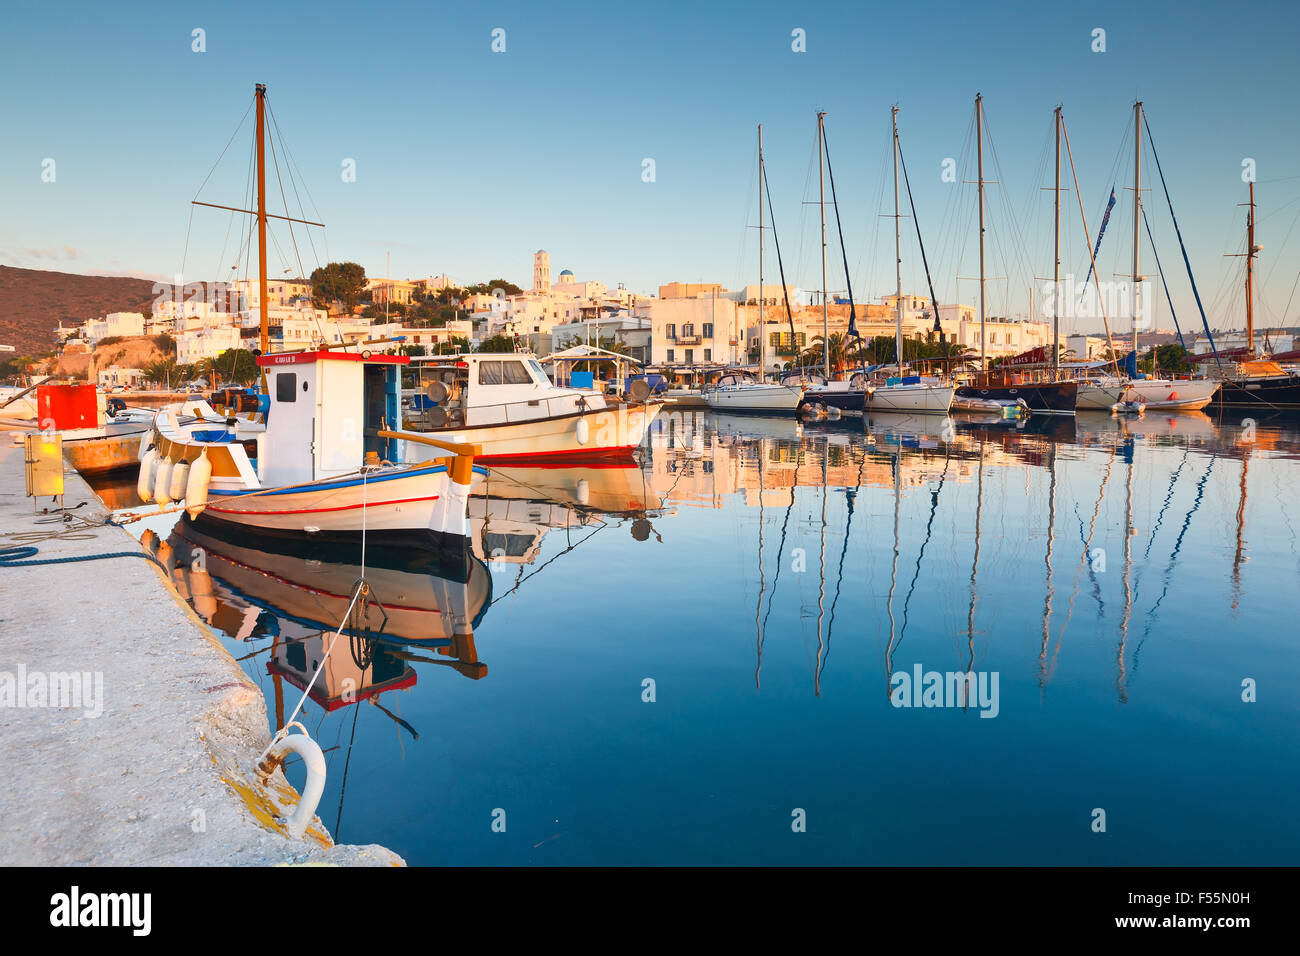 Boote und Segel Fischerboote im Hafen von Adamantas am frühen Morgen Stockbild